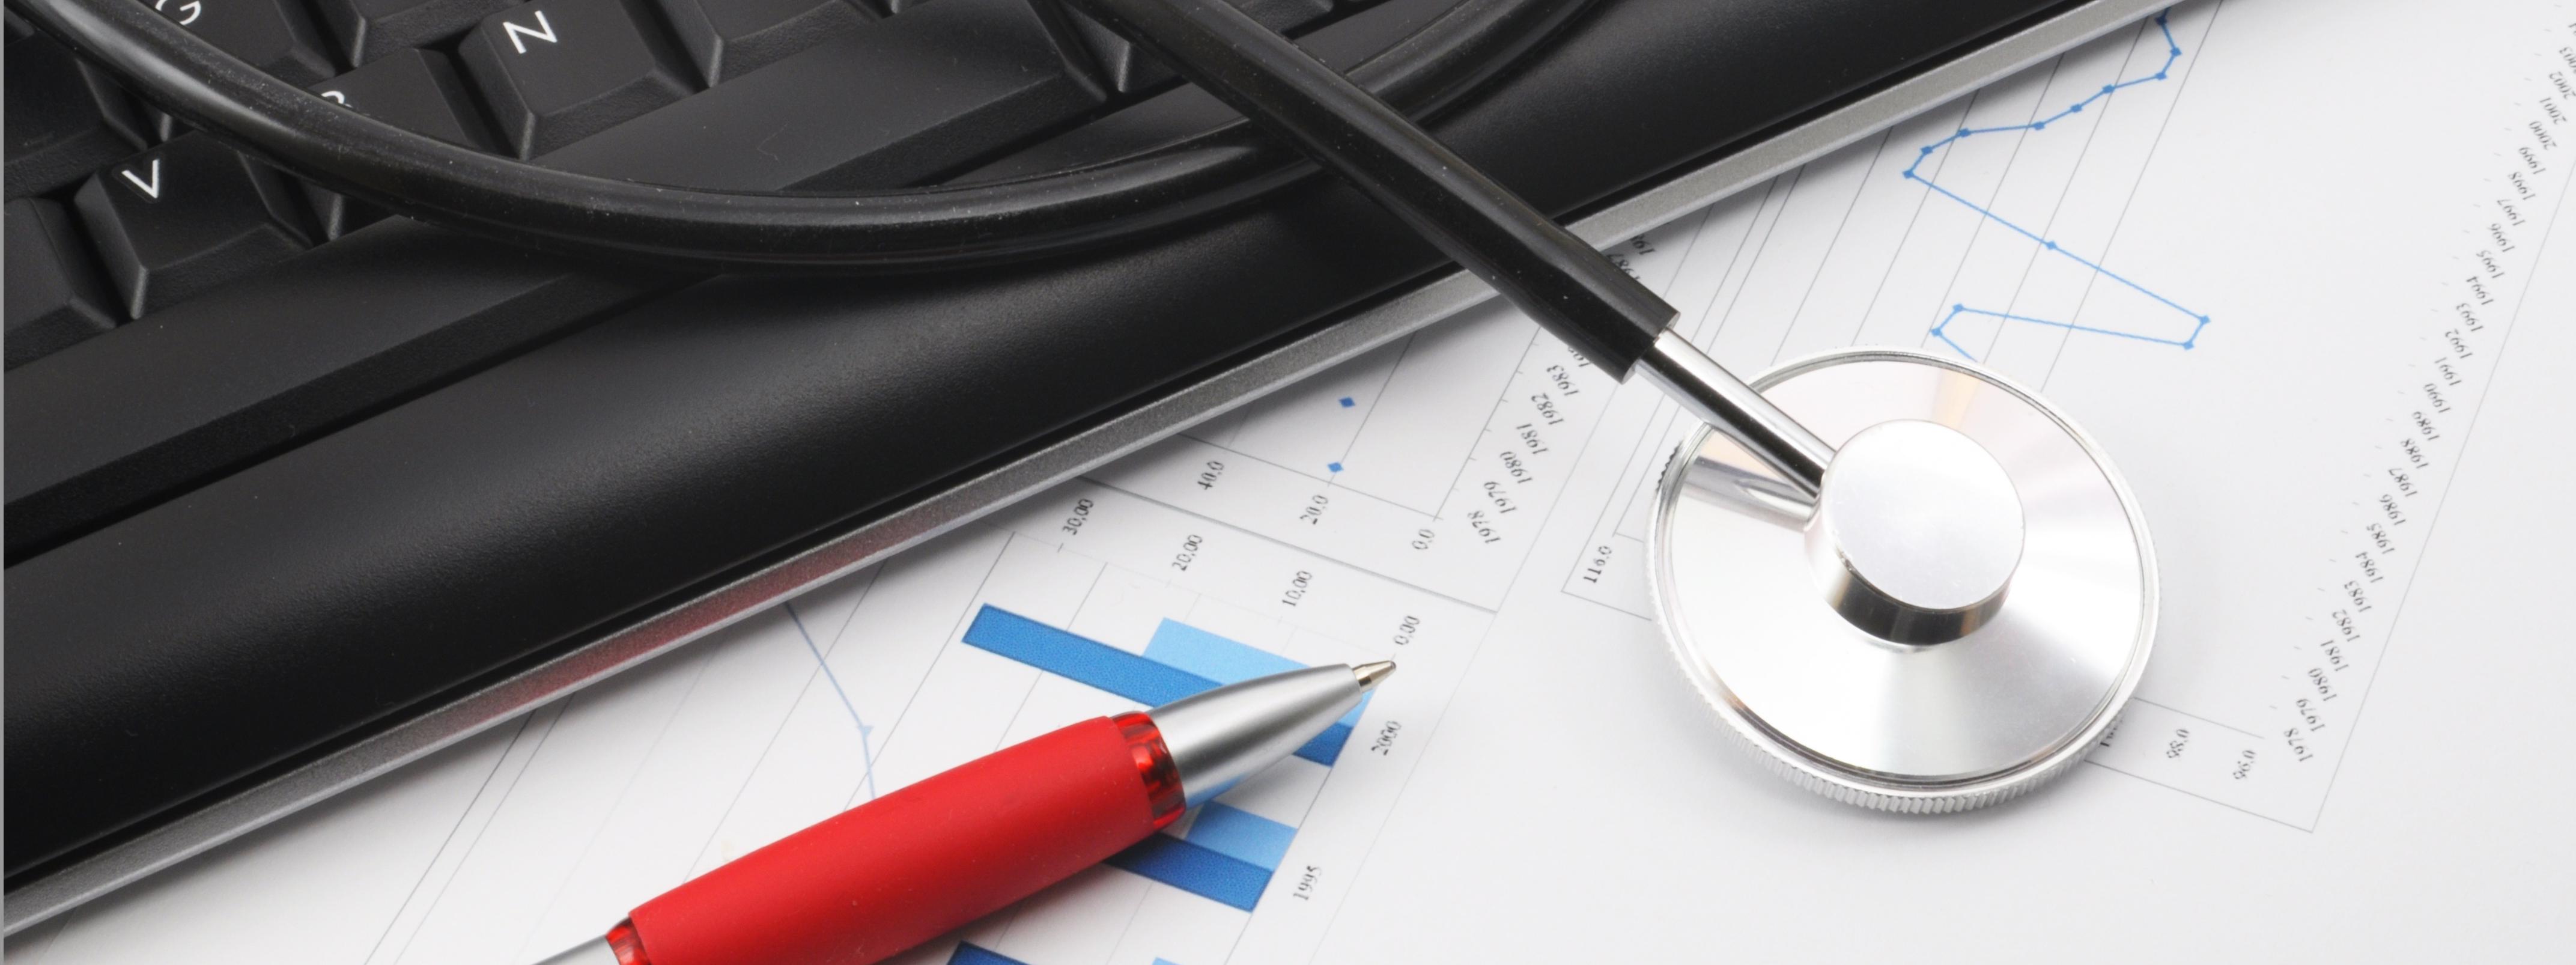 reducir los costes sanitarios mediante la analítica de datos